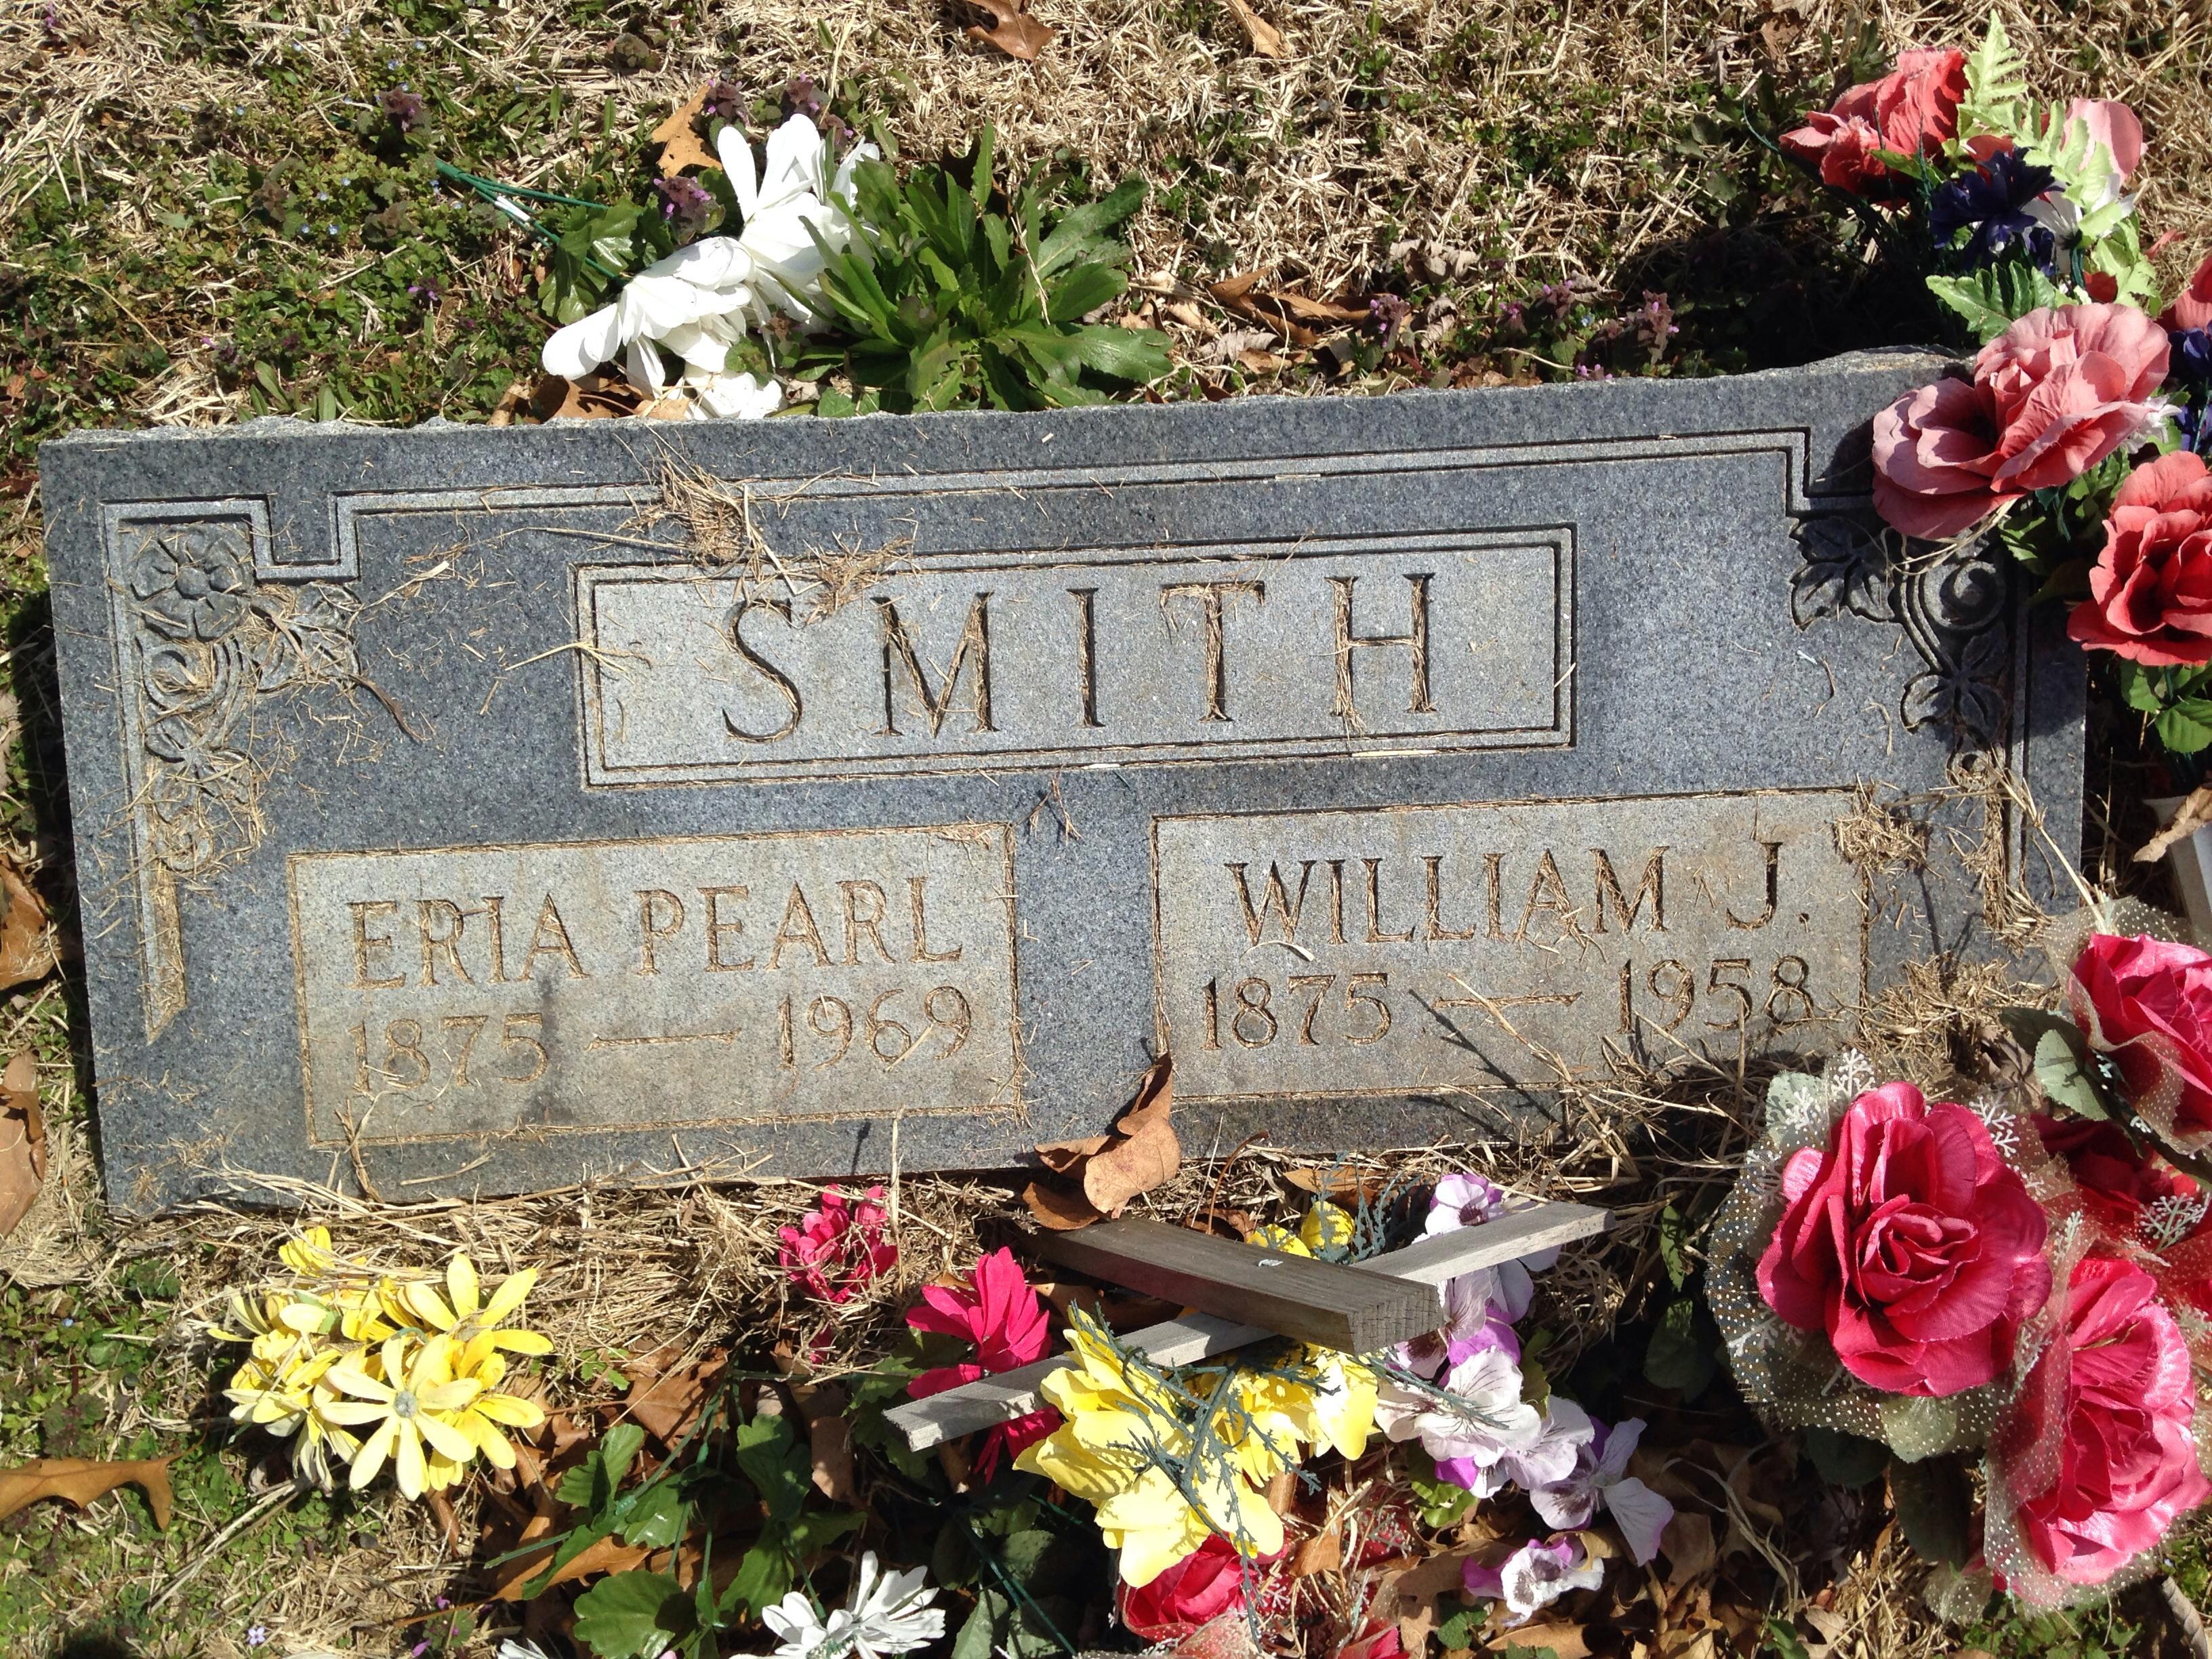 William Jess Smith